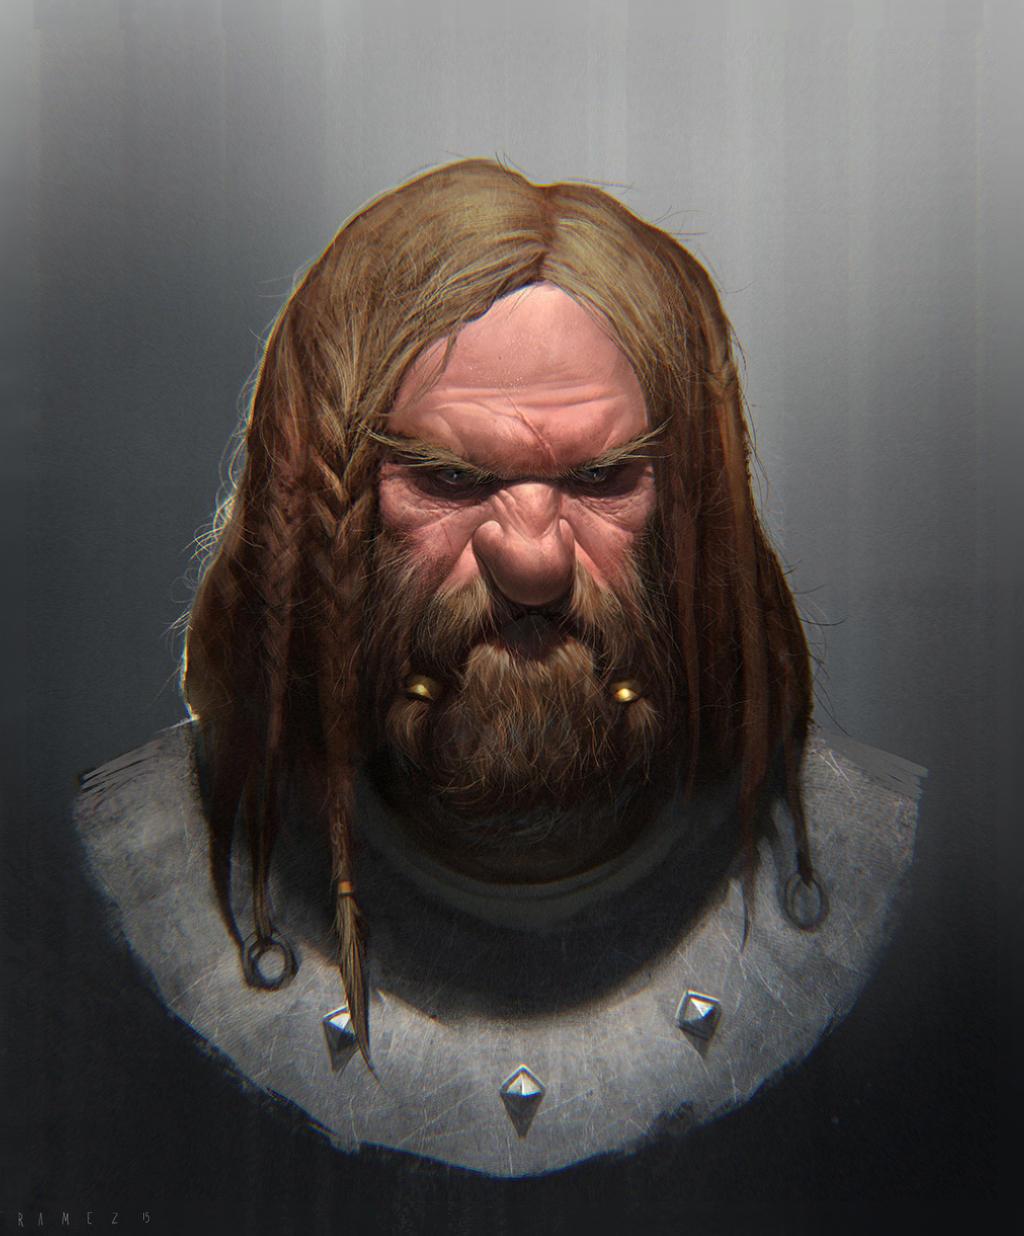 79 best images about D&D - Dwarves and Halflings on ... |Dwarf Male Portrait